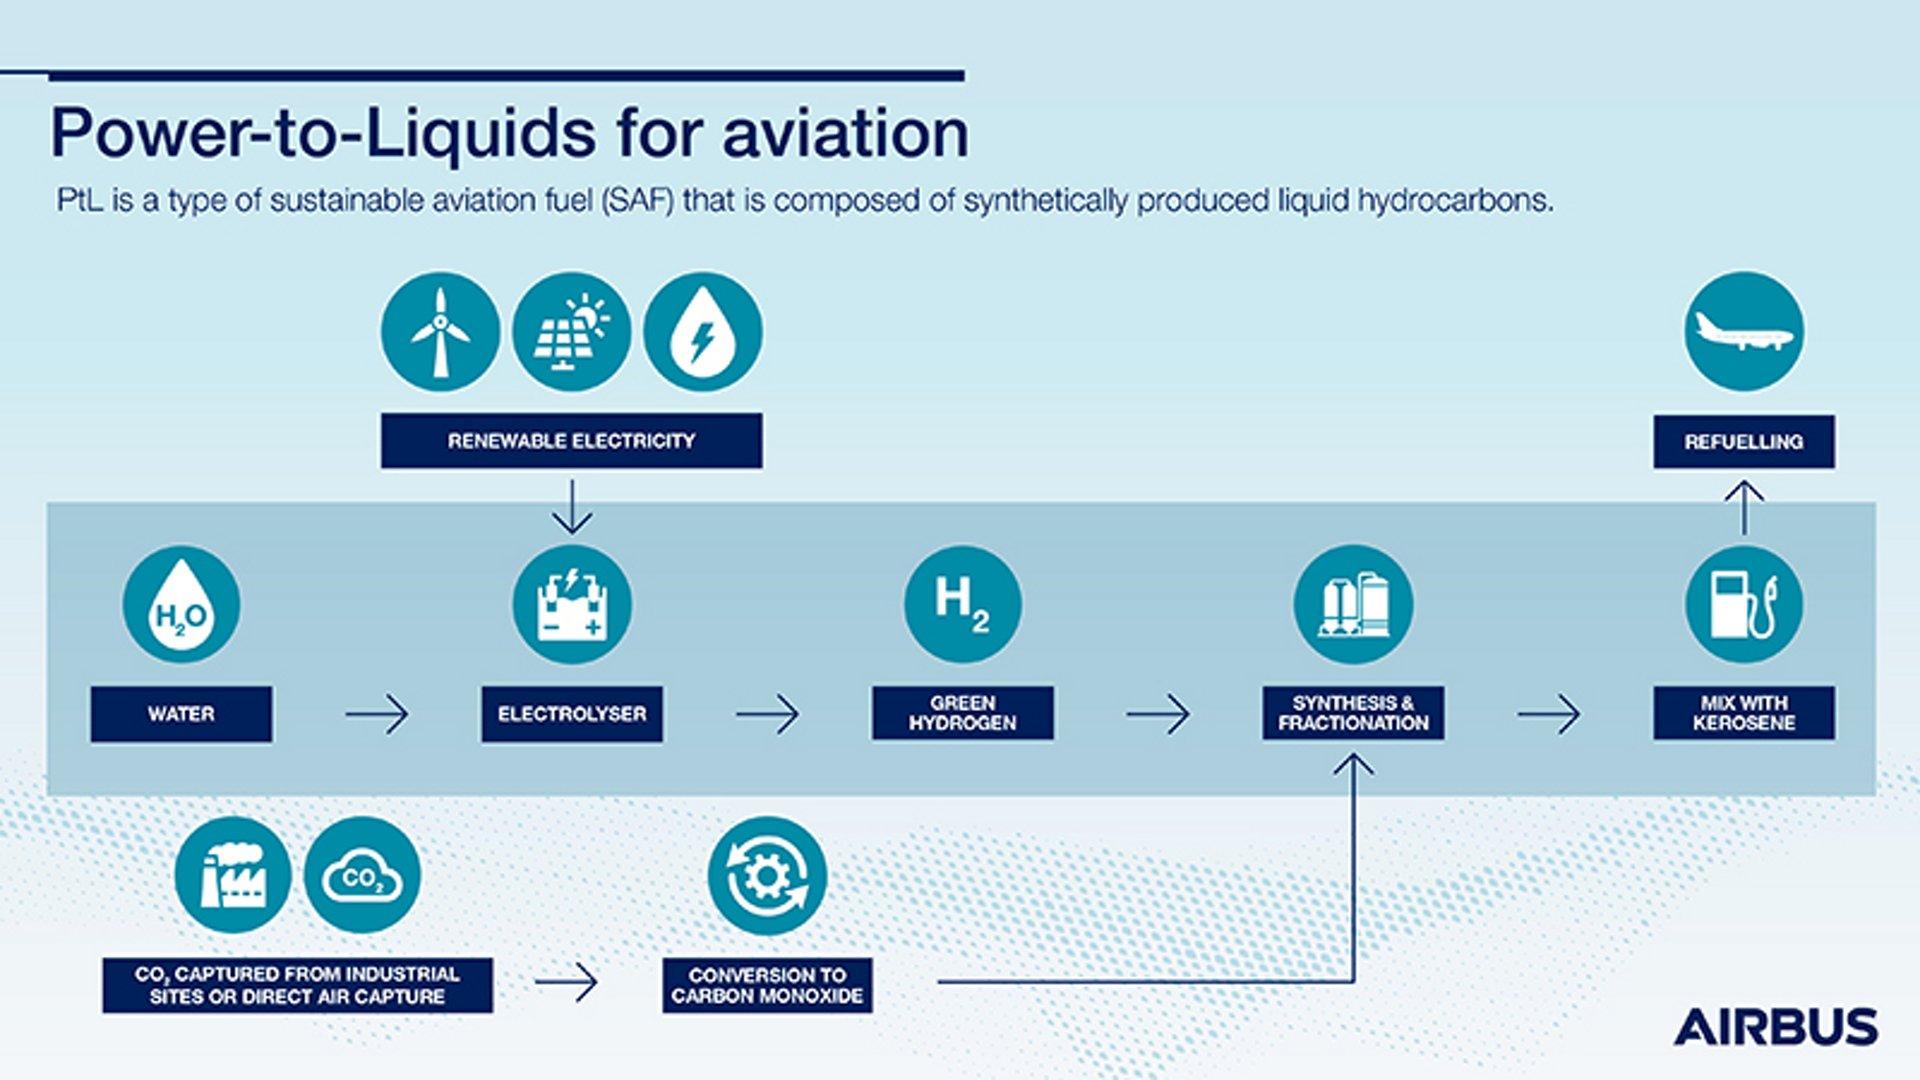 Power-to Liquids for aviation